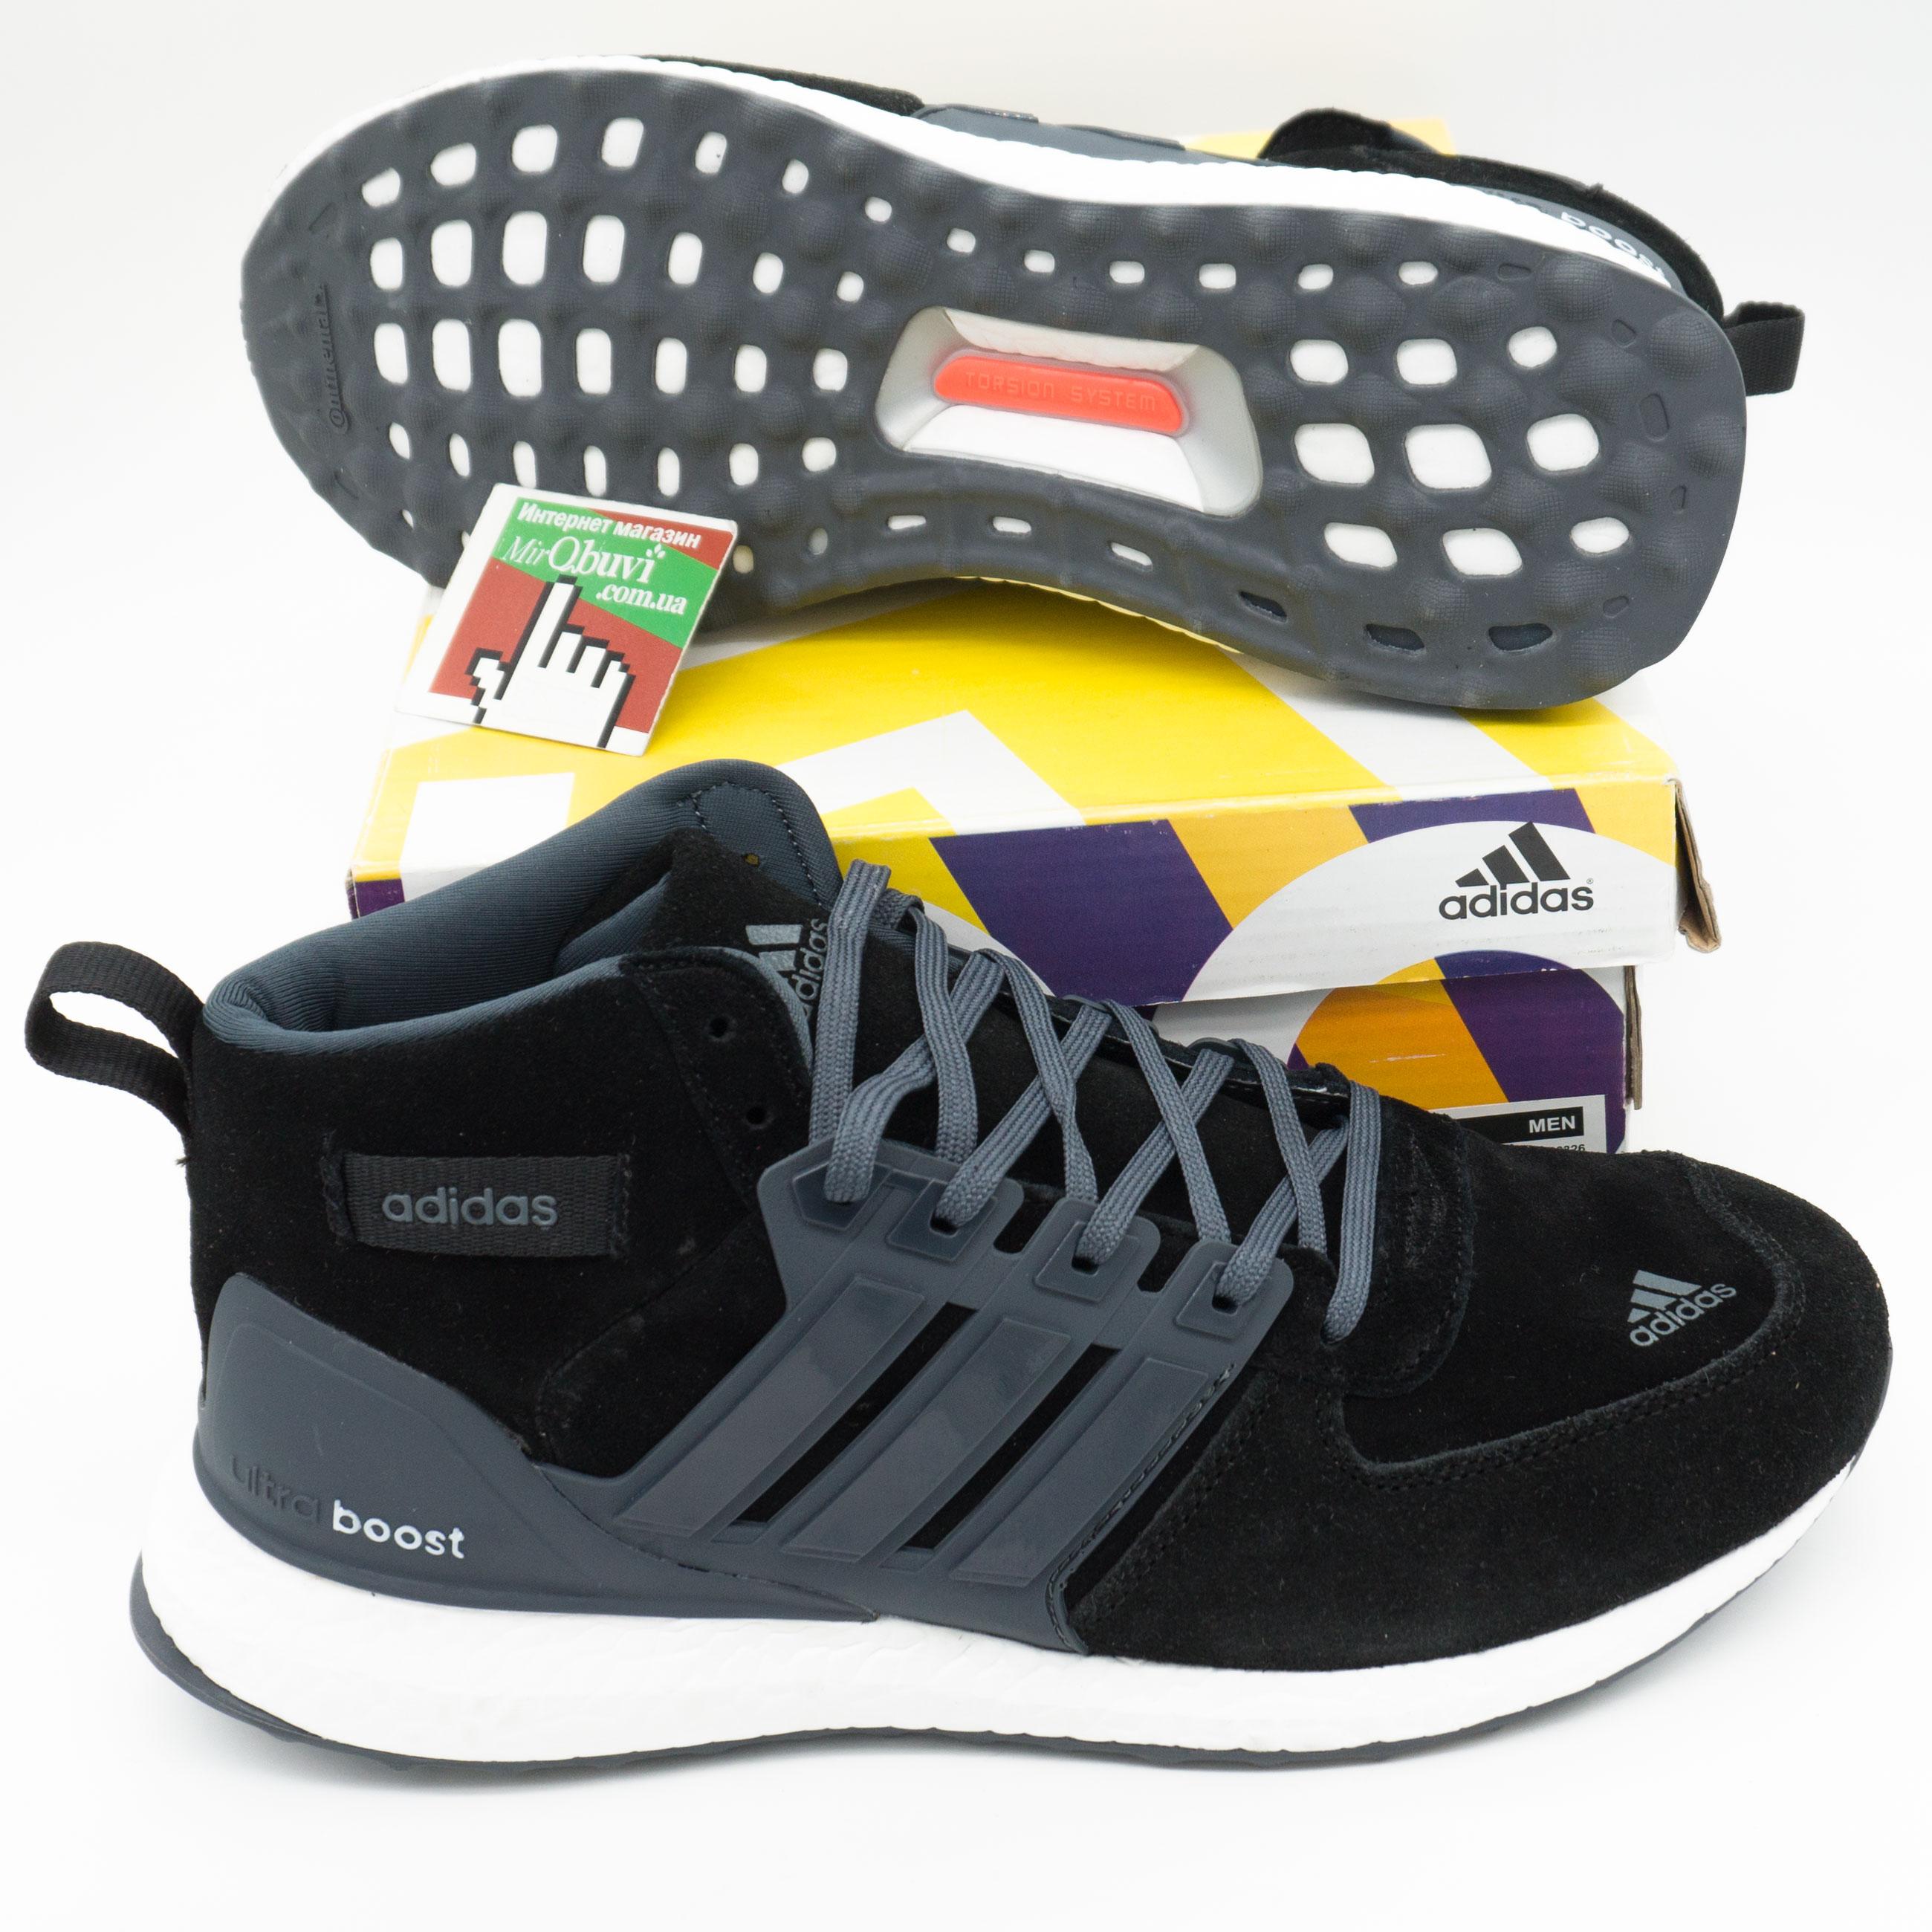 фото bottom Зимние кроссовки Adidas Ultra Boost черные с серым Топ качество bottom